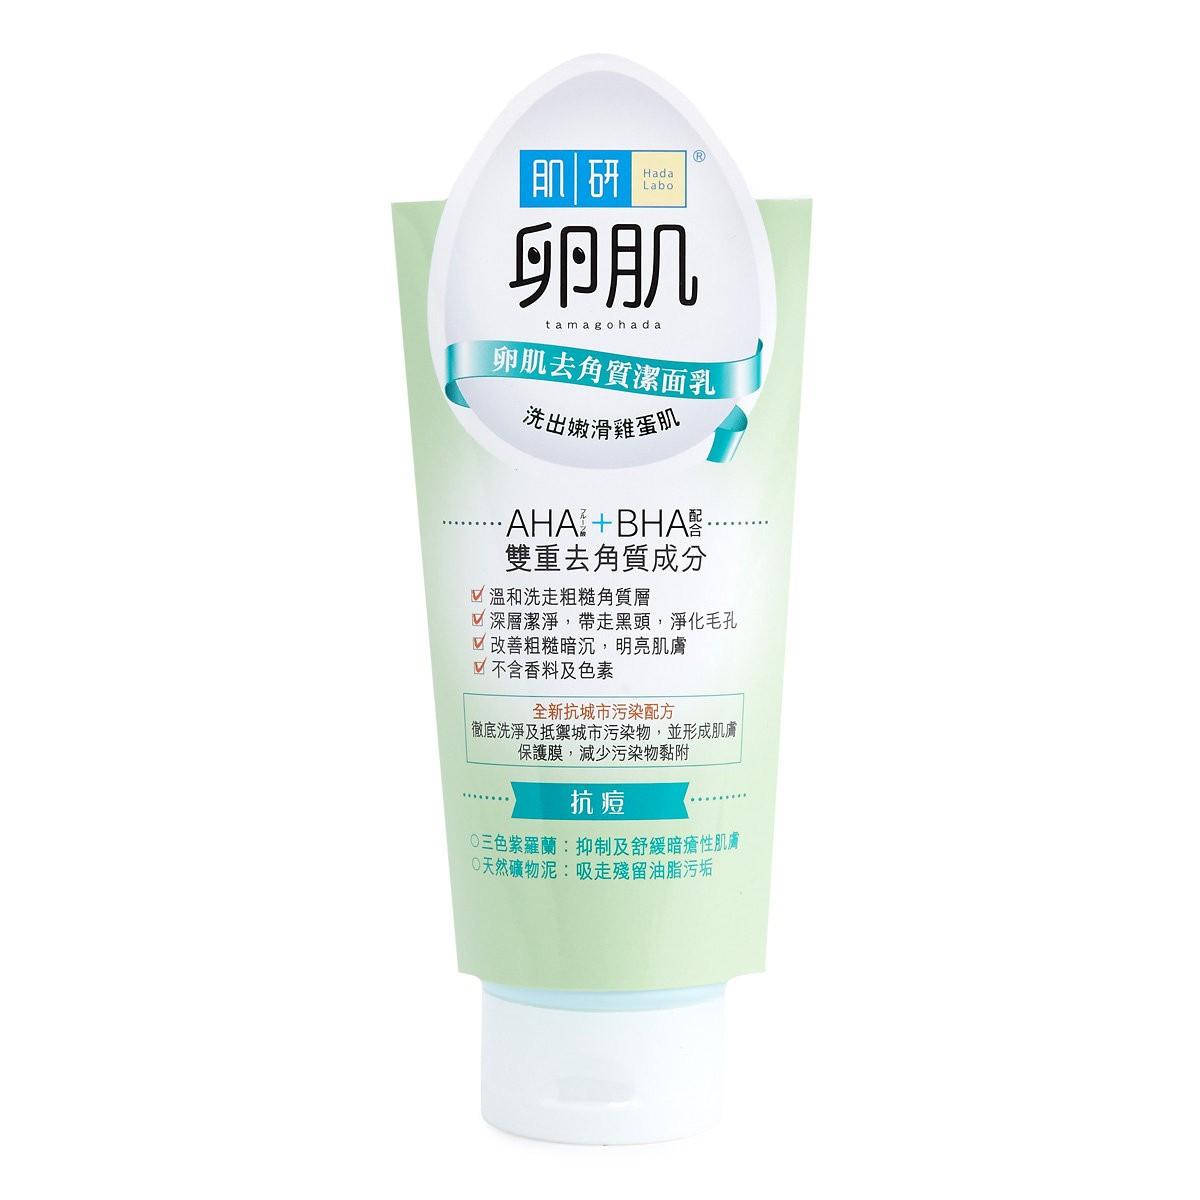 Rohto Mentholatum - Hada Labo - AHA + BHA Acne Care Face Wash